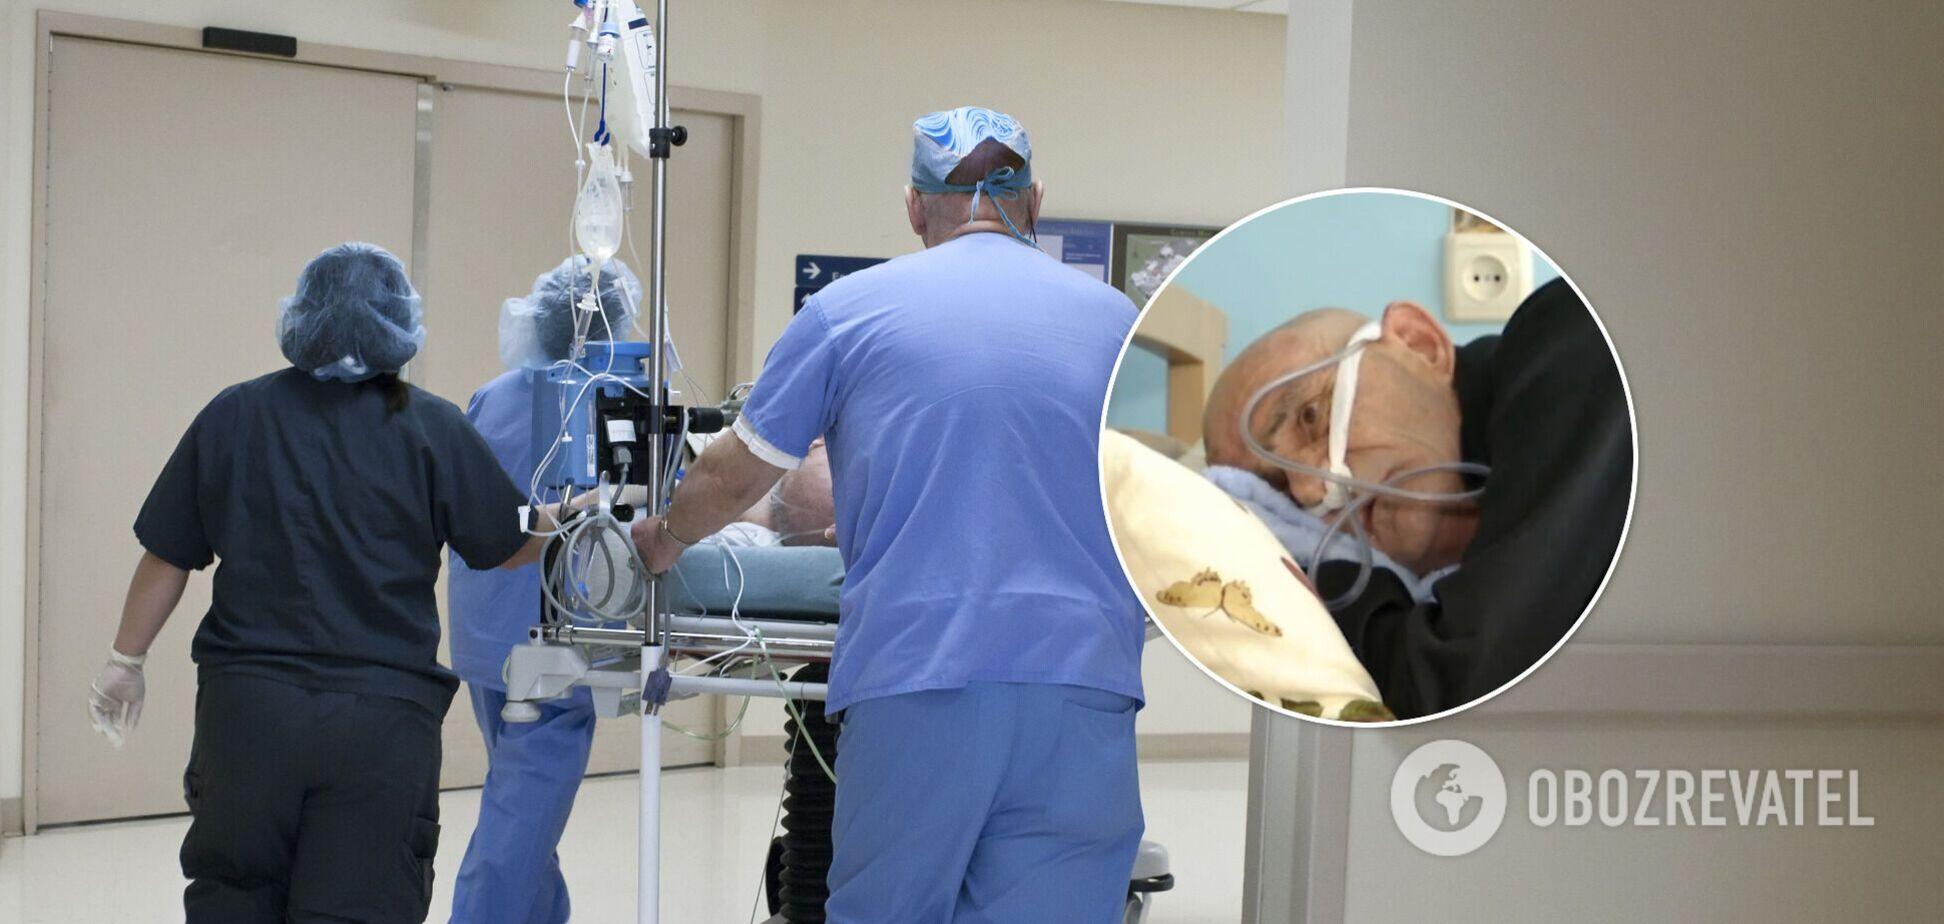 Врачи по ошибке удалили мужчине глаз вместо опухоли